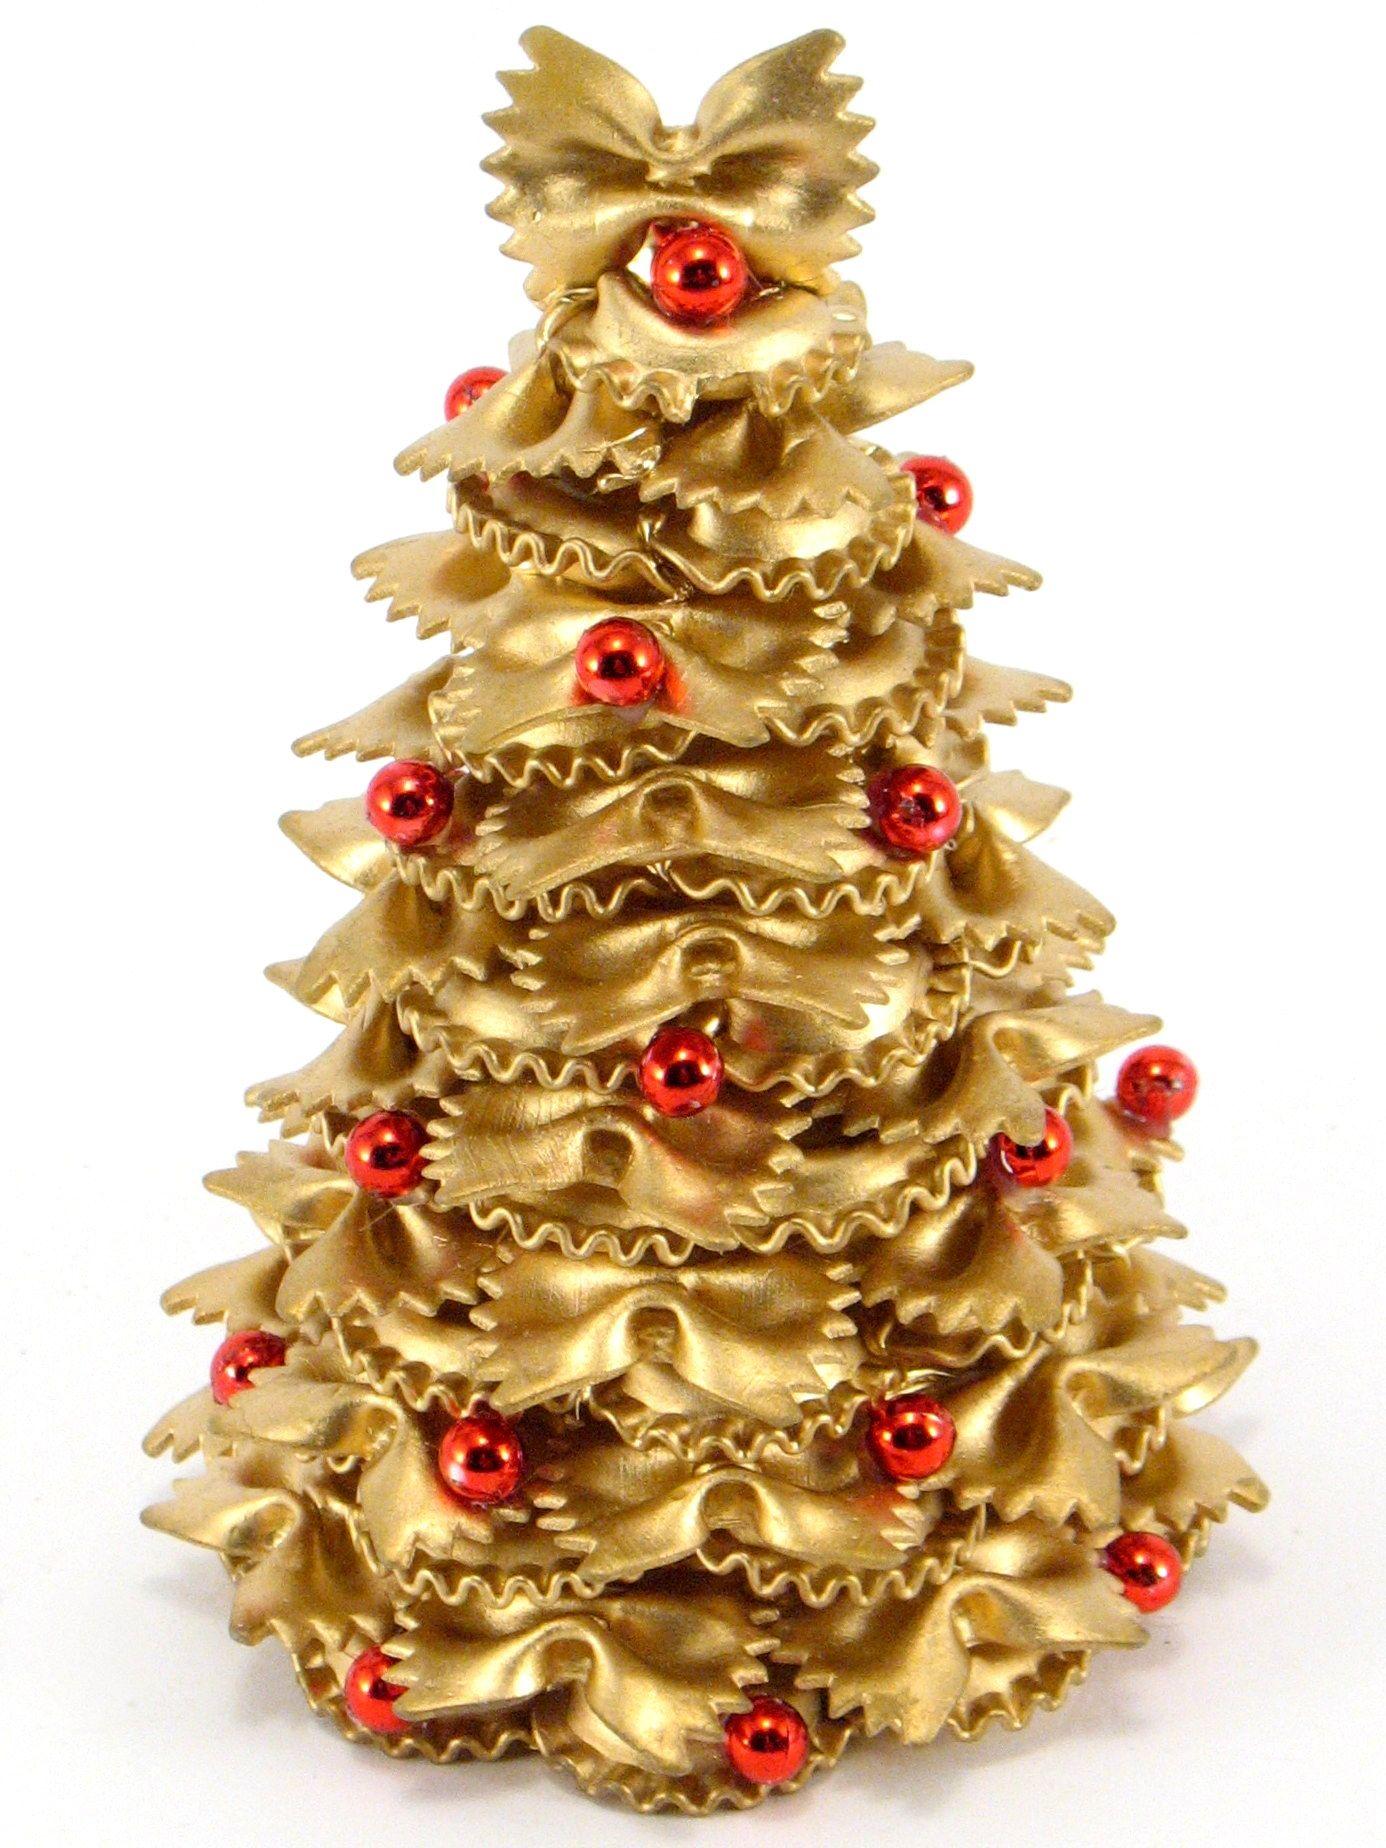 Mala Choinka Z Makaronu Kokardki 15 Cm Dekoracja Swiateczna Handmade Christmas Decorations Easy Christmas Diy Christmas Wreaths